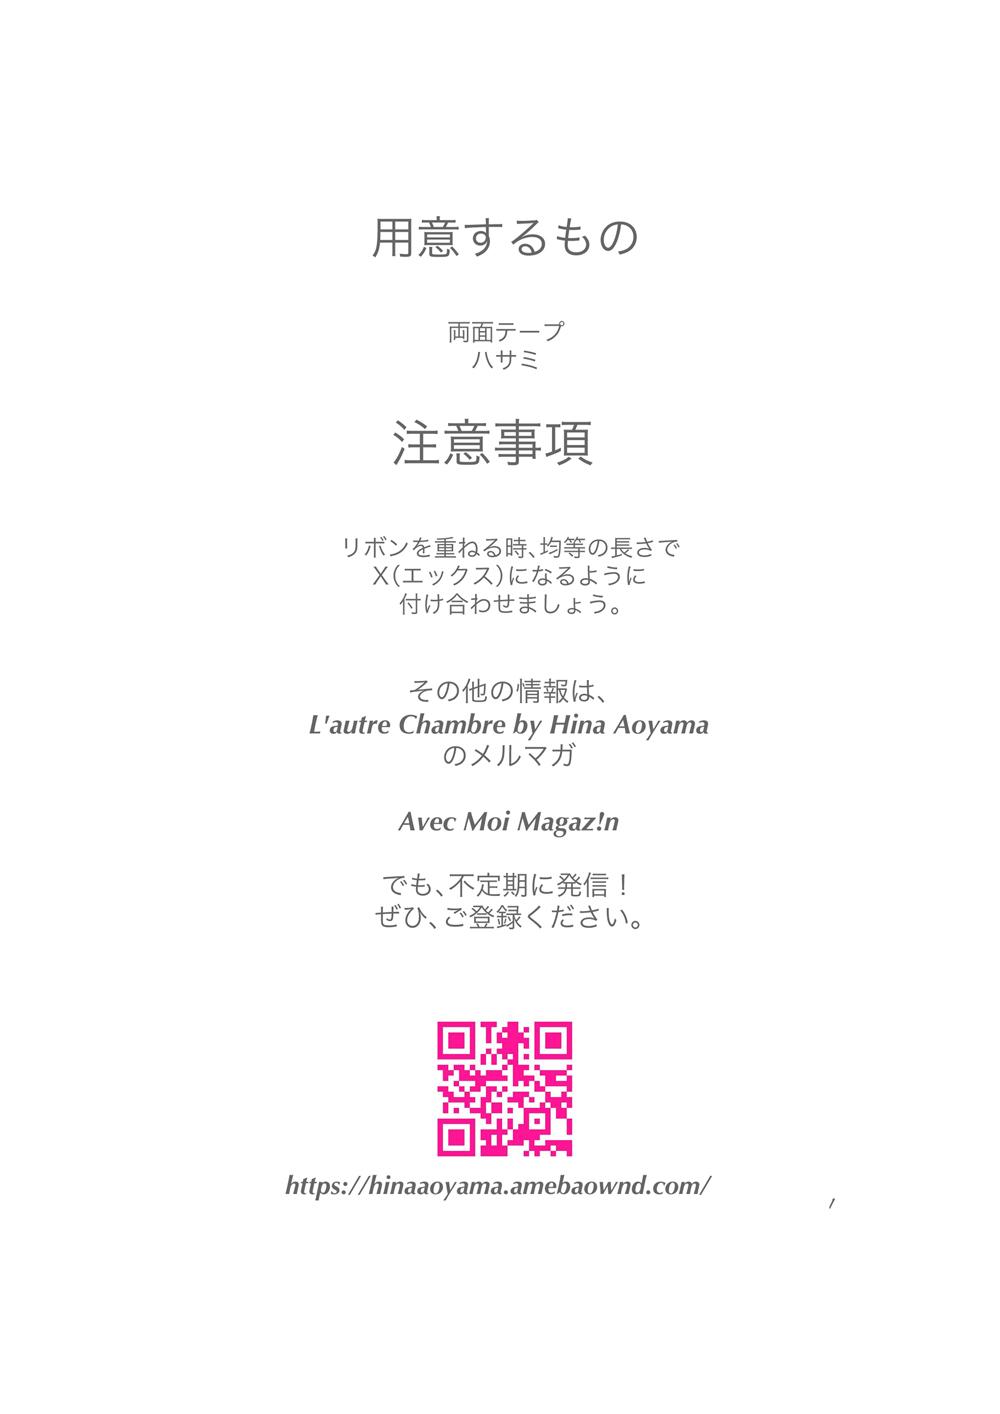 蒼山日菜 リボン